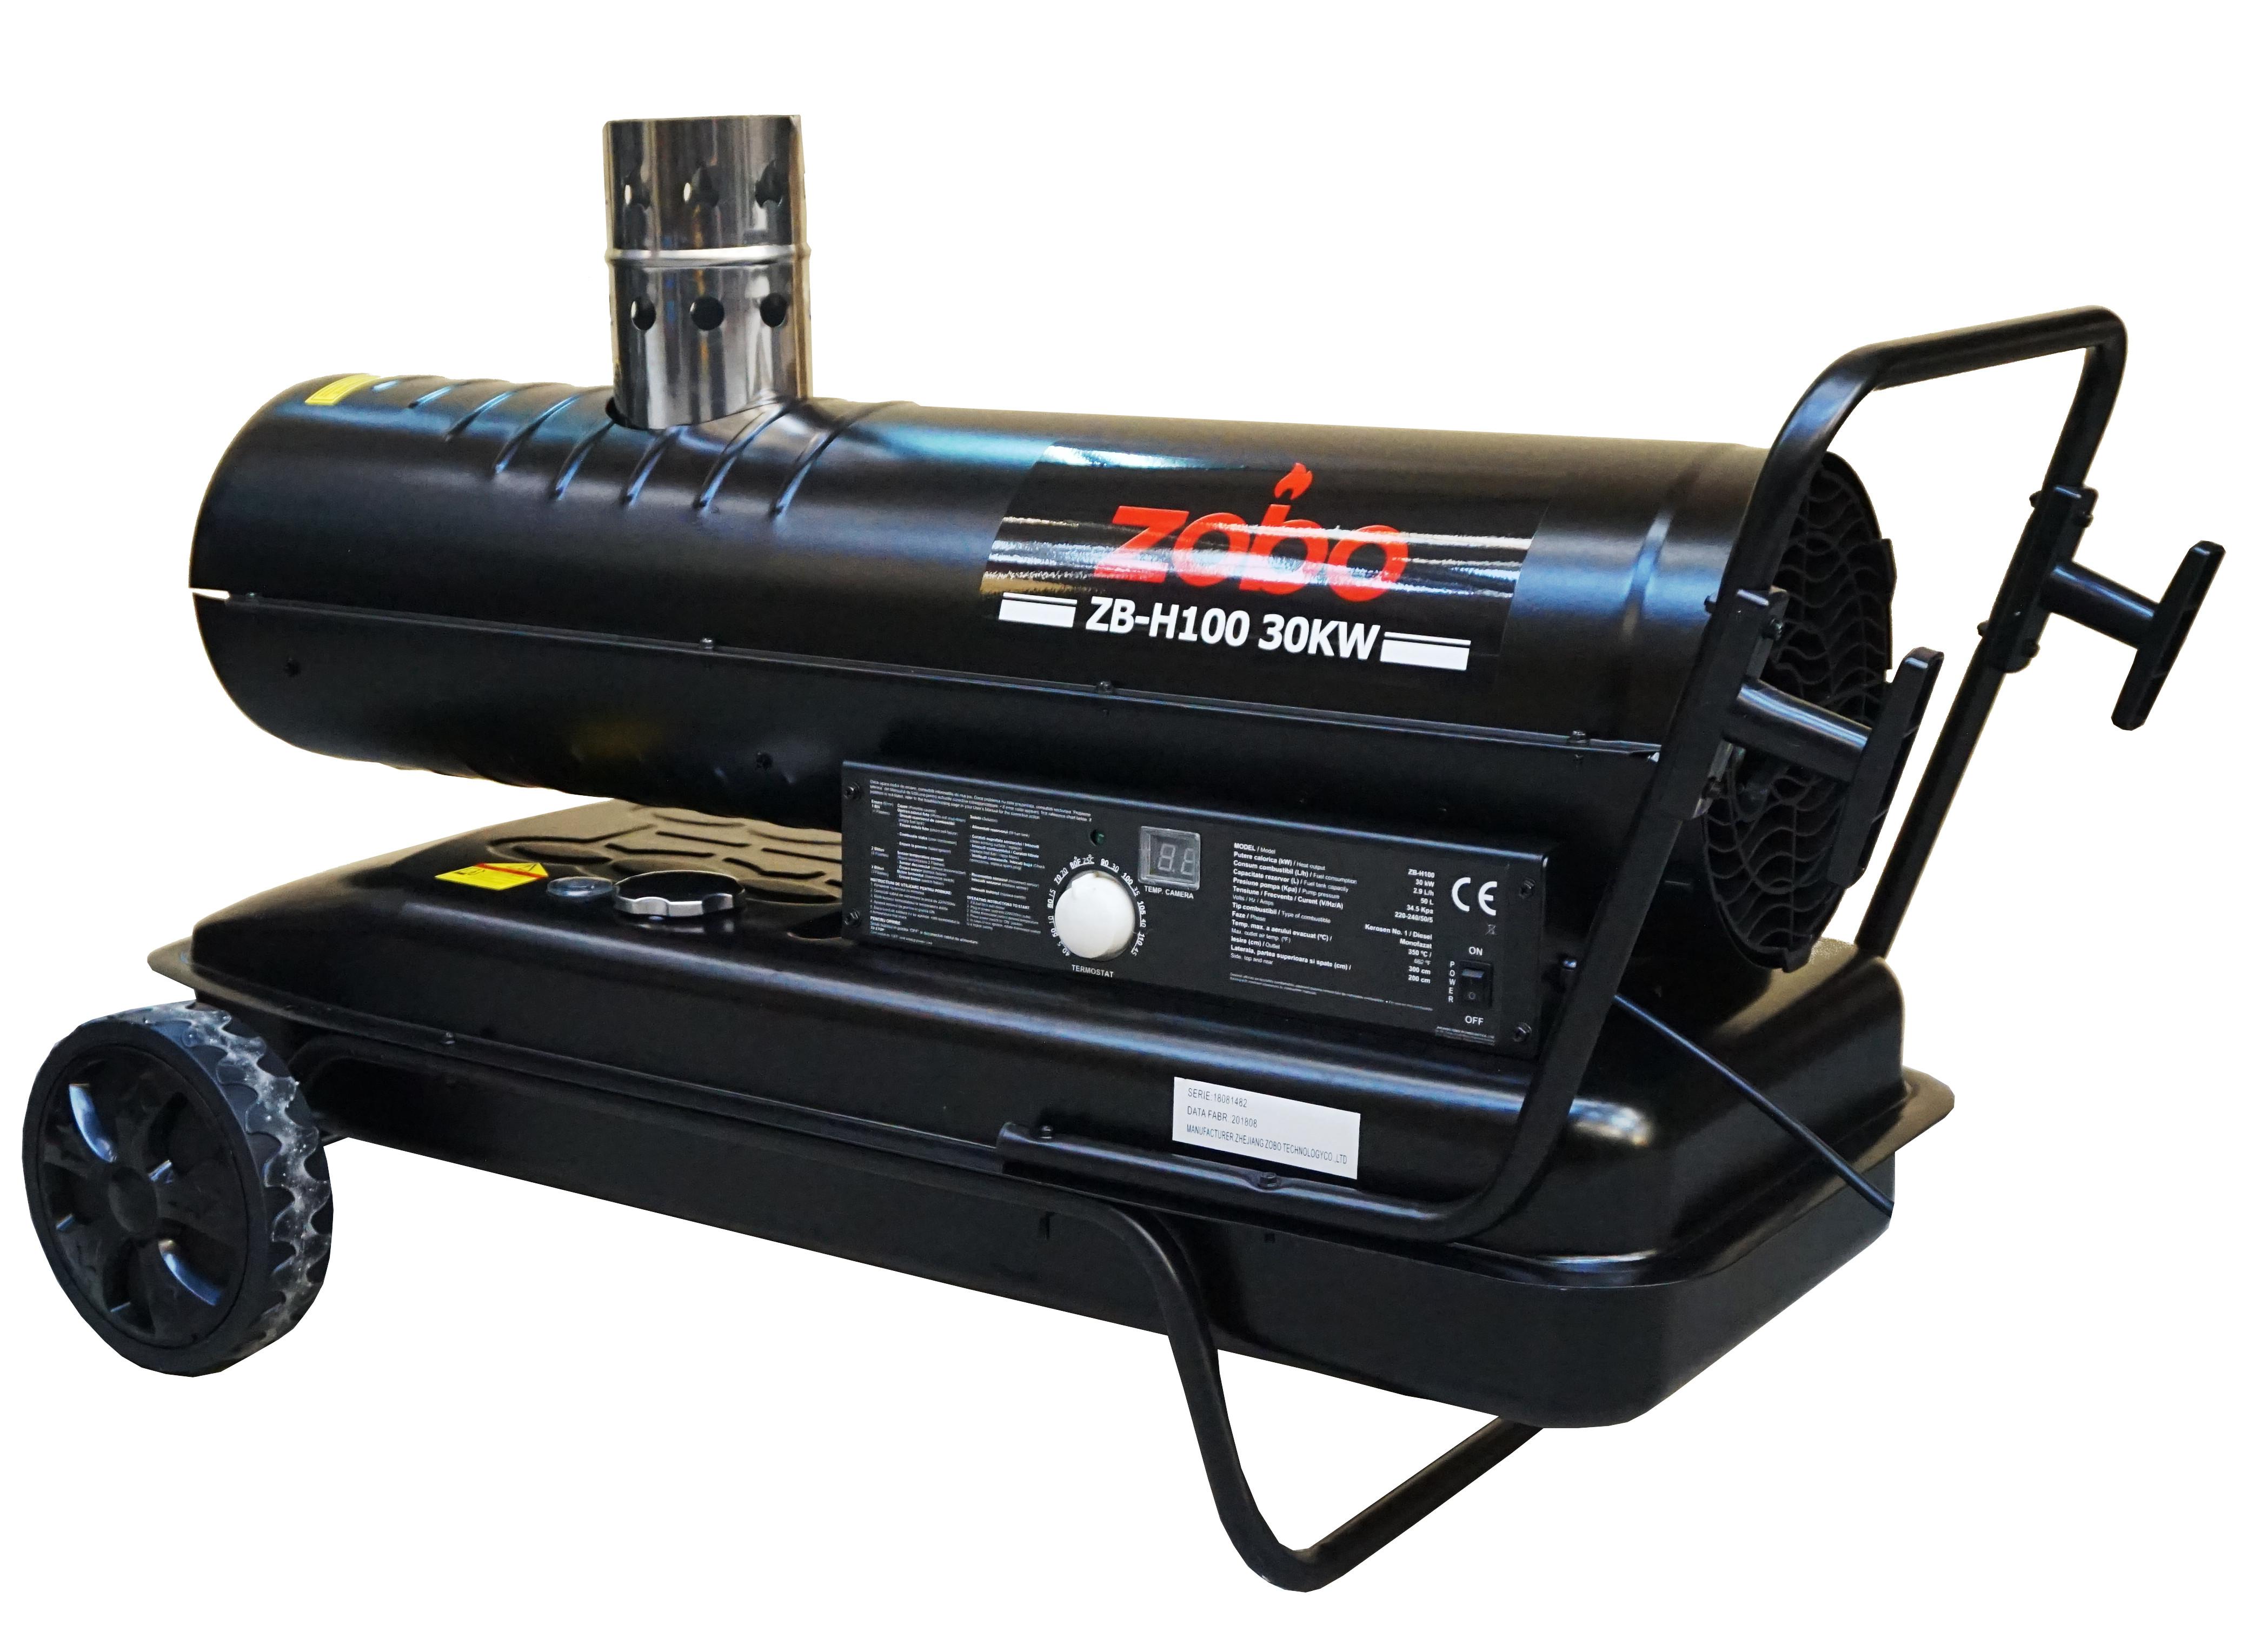 Tun de aer cald Zobo ZB-H100, ardere indirecta, 30kW [0]